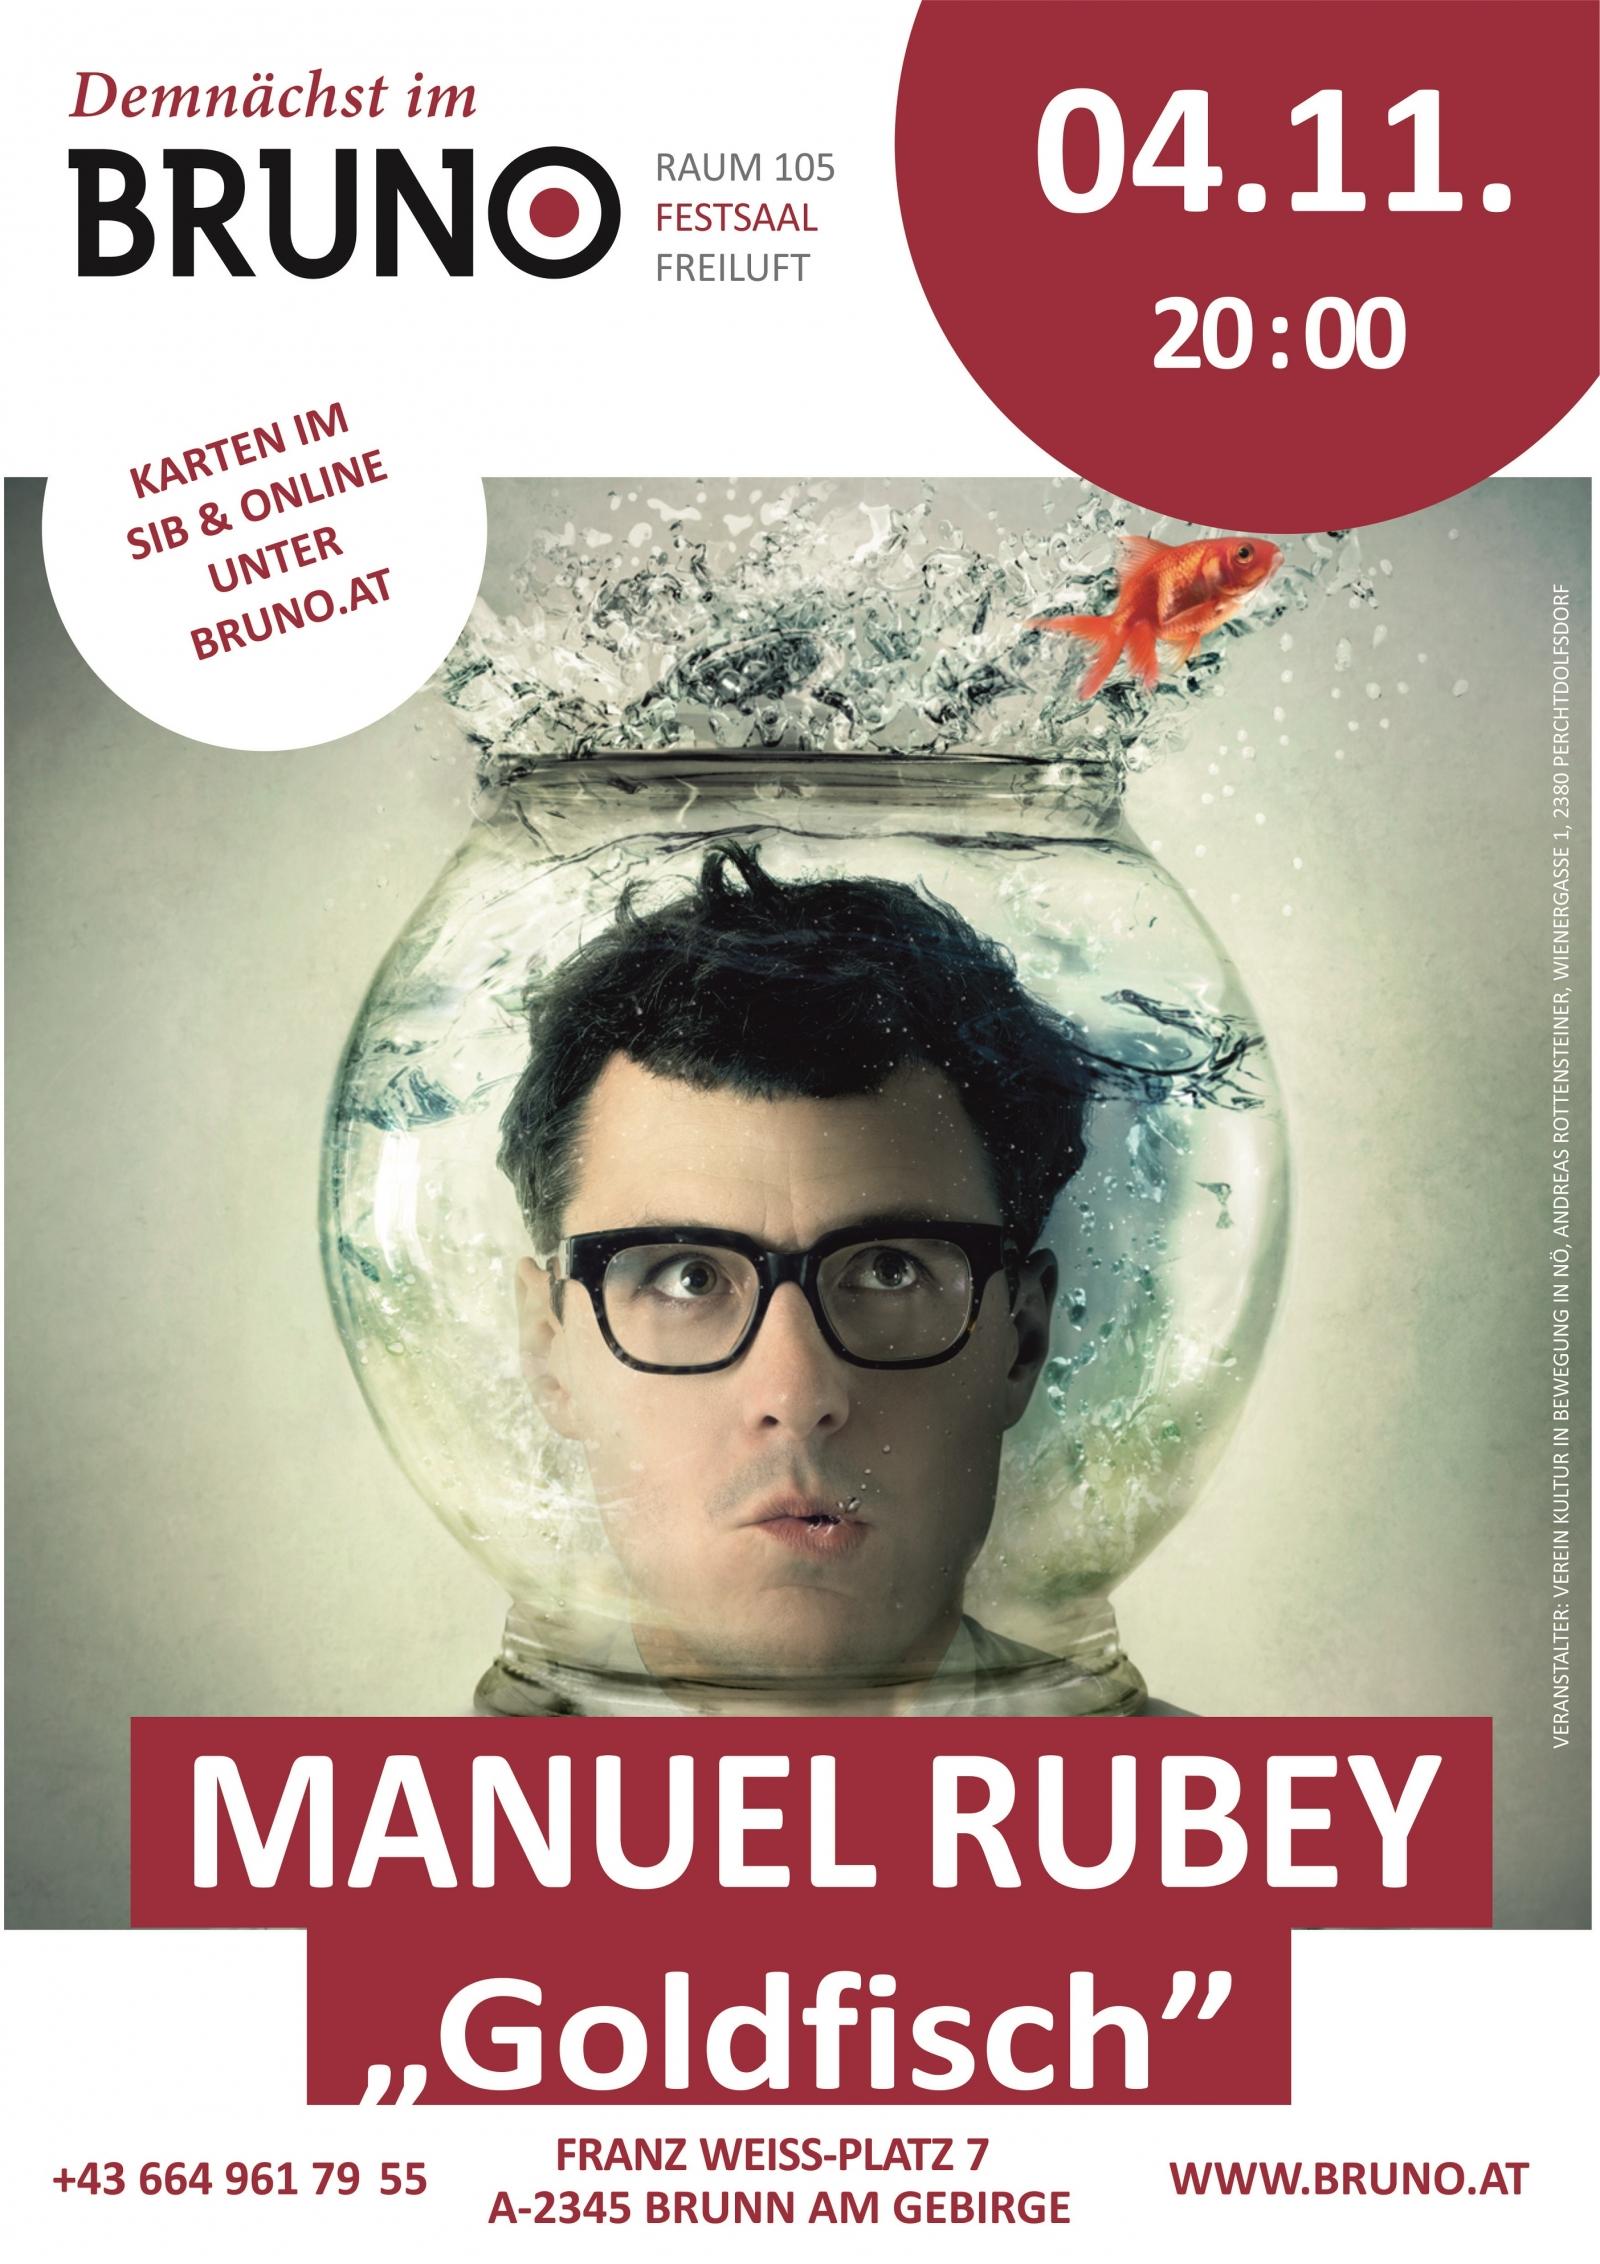 Manuel Rubey - Goldfisch